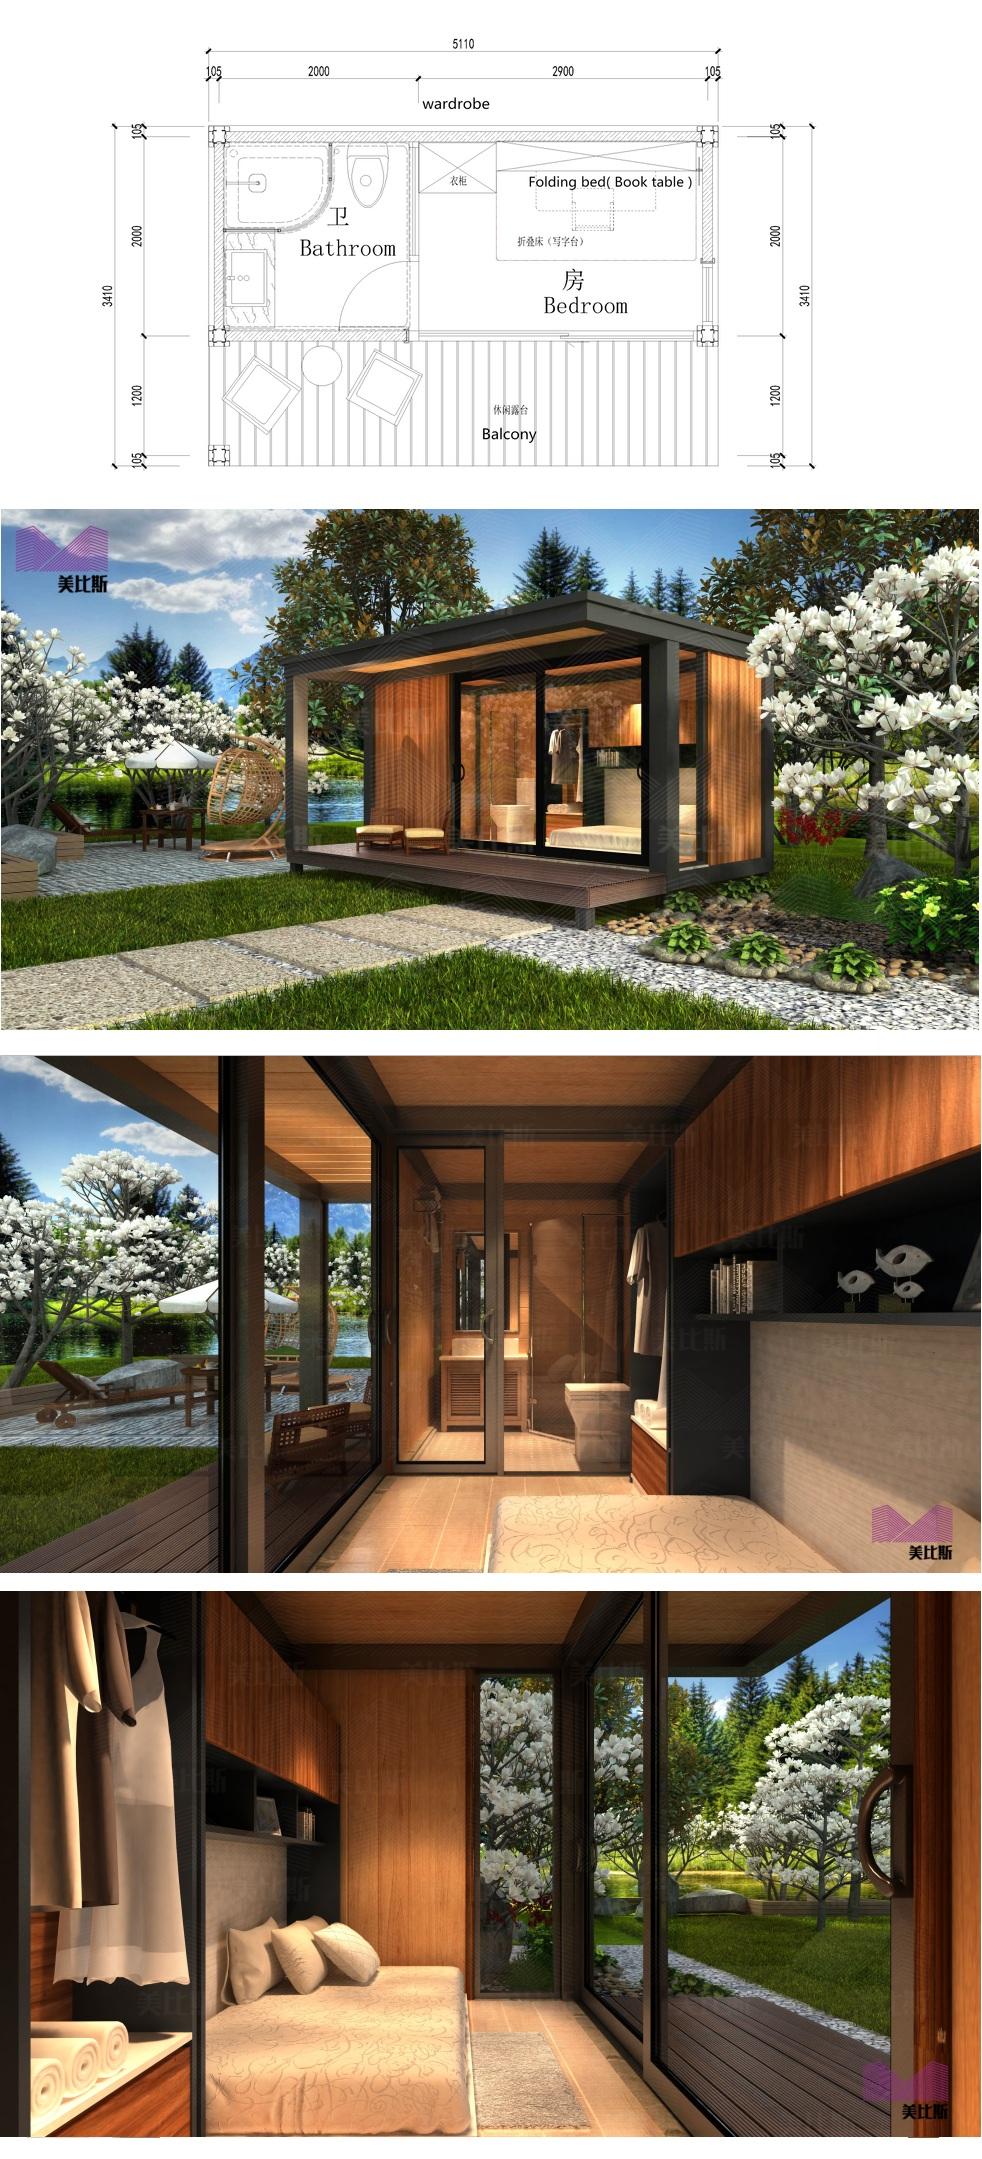 Maisons maisons préfabriquées maison portative philippines à vendre